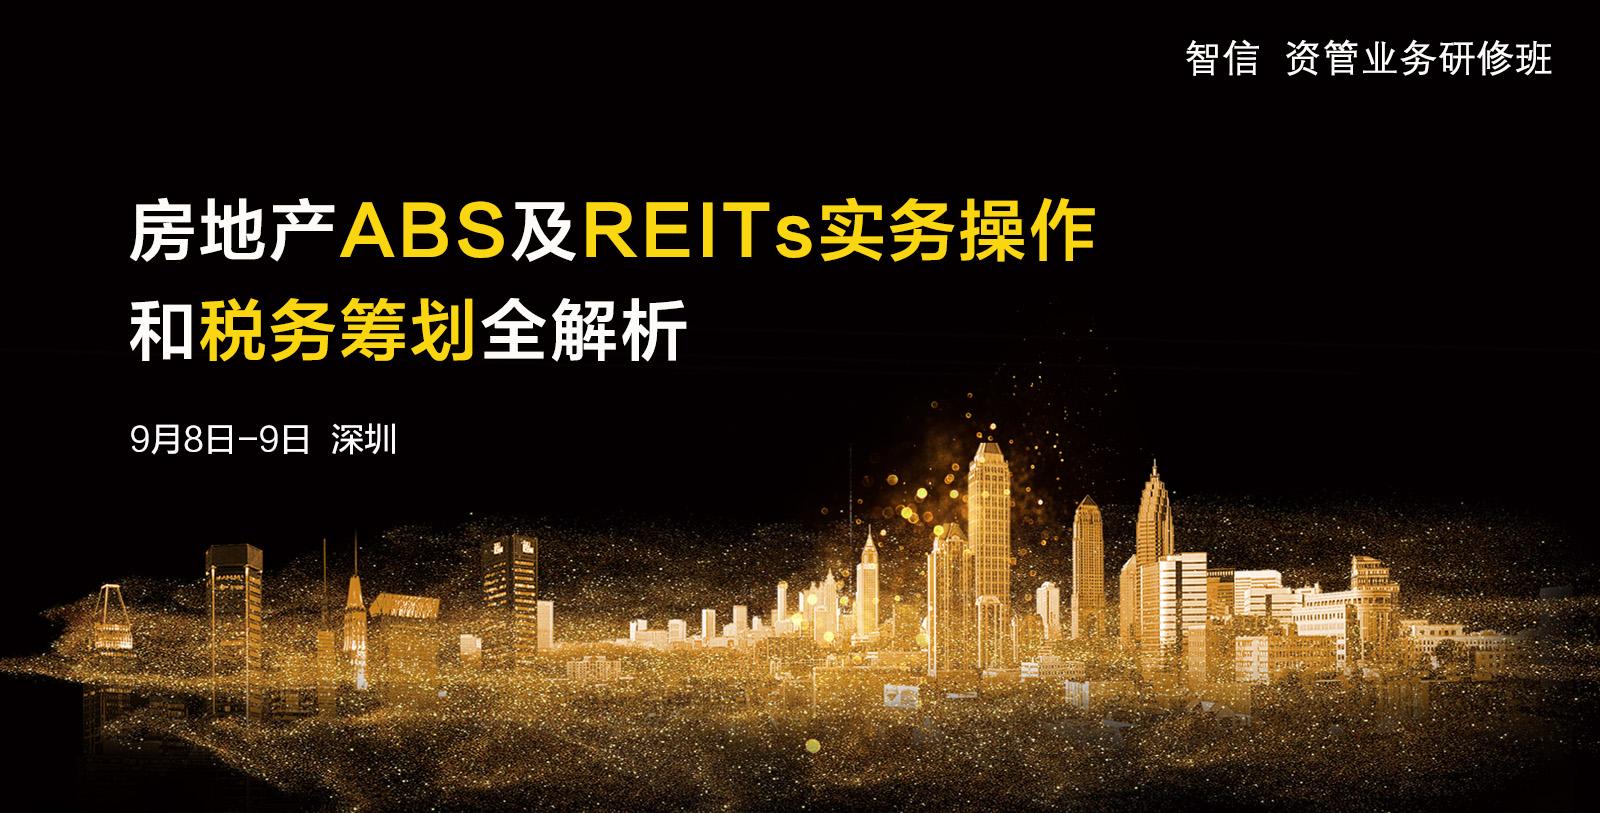 房地产ABS及REITs实务操作和税务筹划全解析